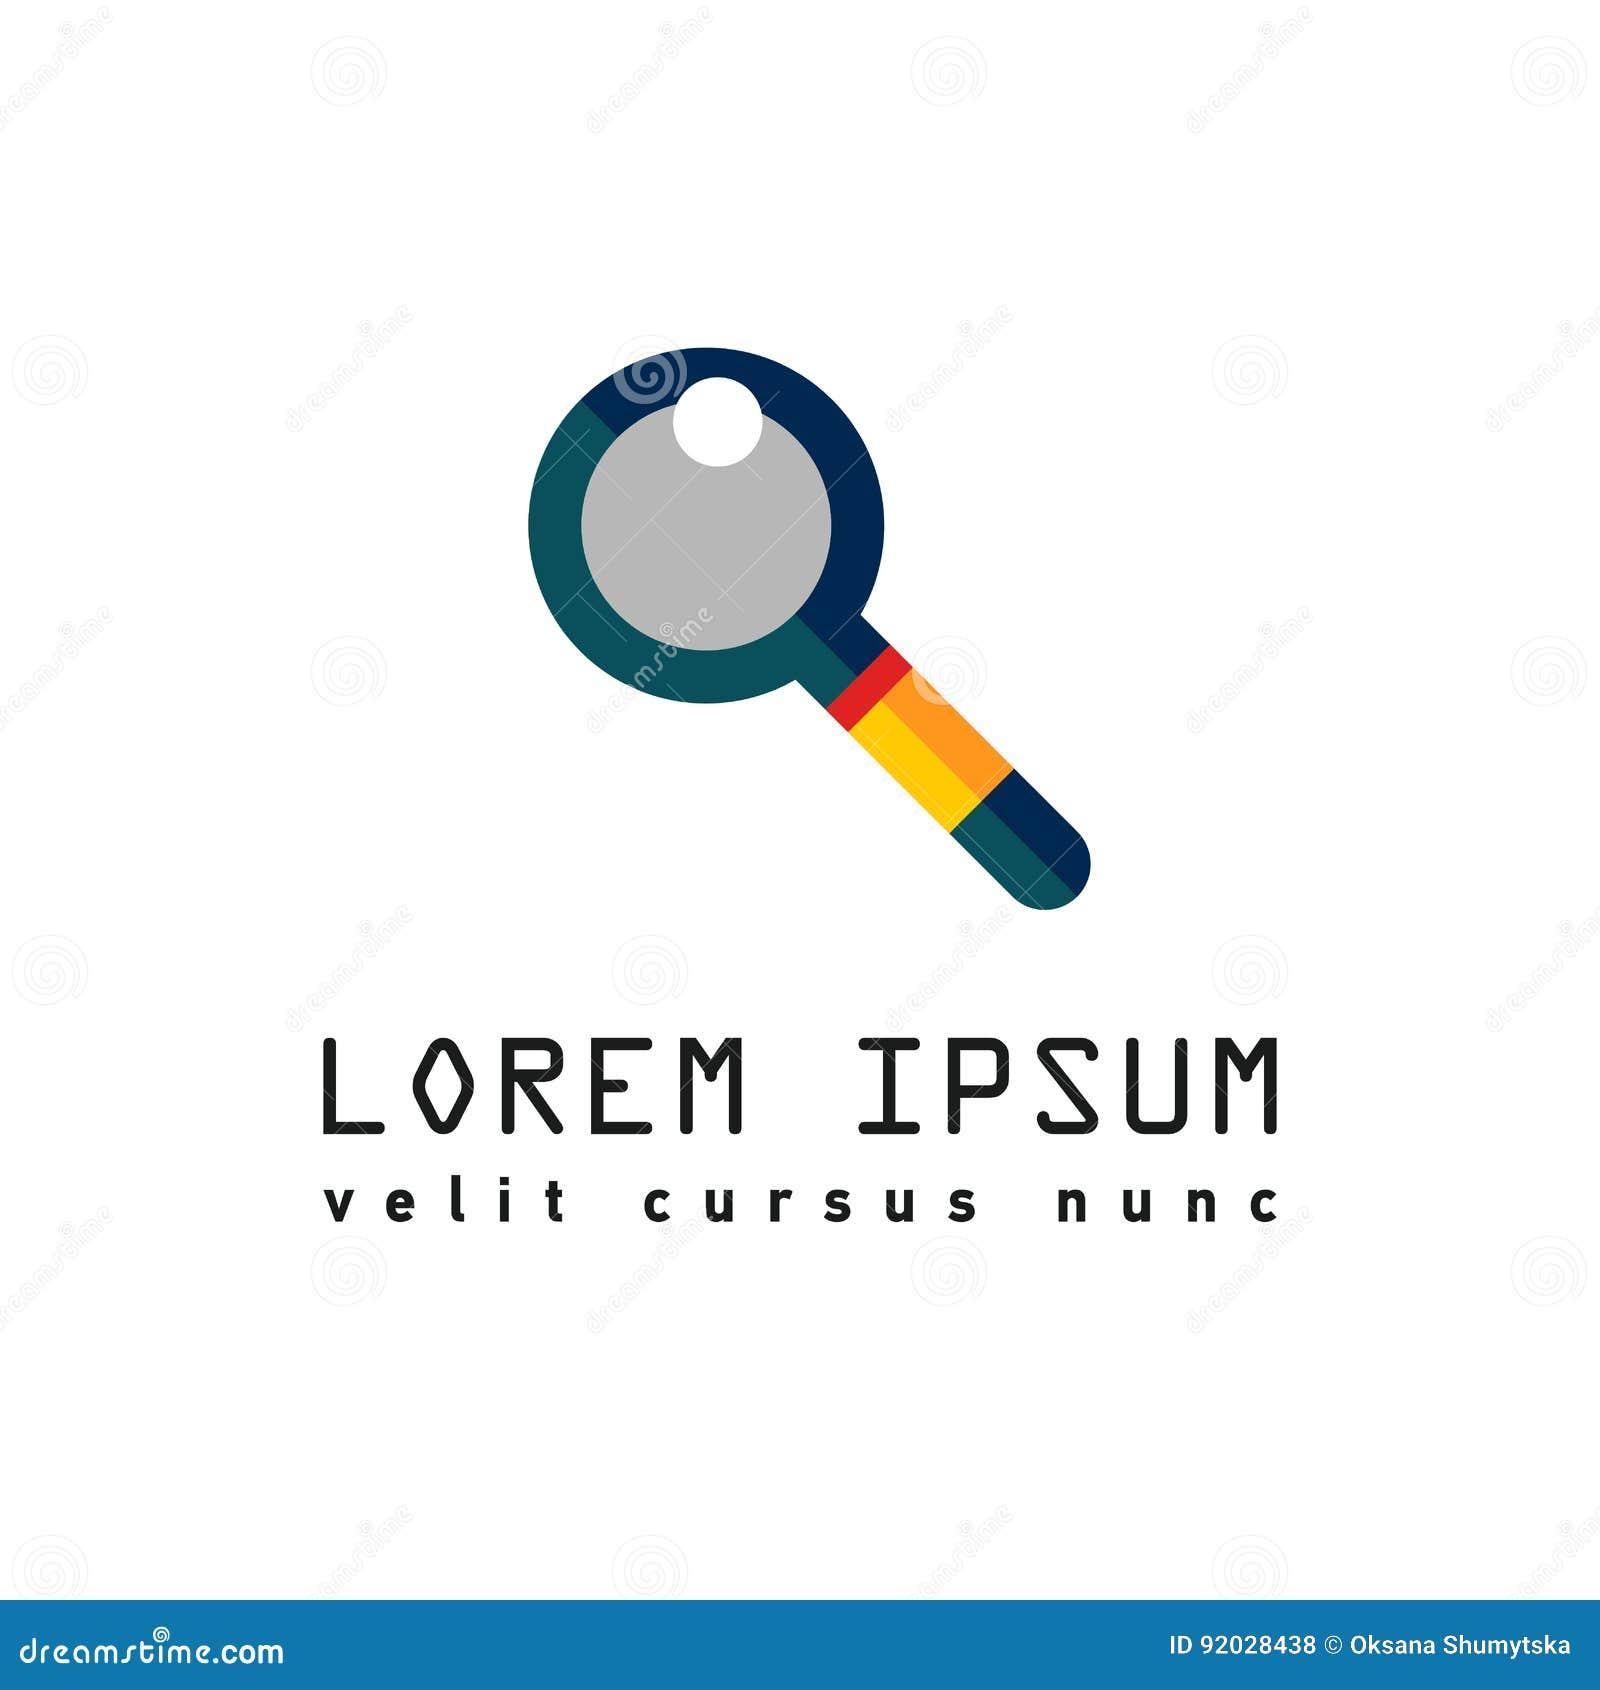 Λογότυπο με πιό magnifier για την αναζήτηση